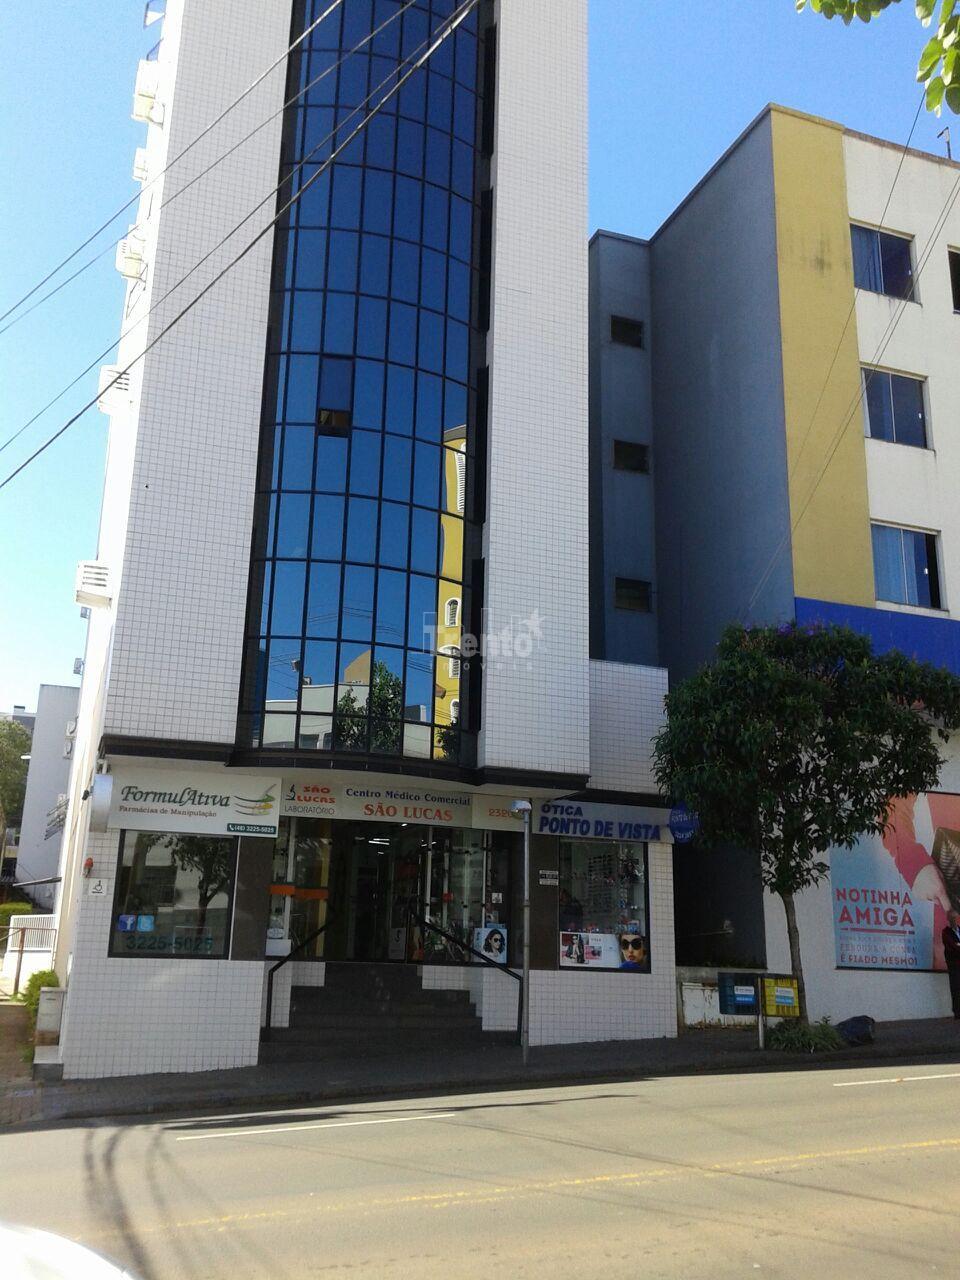 SALA ED. CENTRO MEDICO SÃO LUCAS BAIXOU! R$ 800,00 POR R$ 700,00 - PATO BRANCO/PR